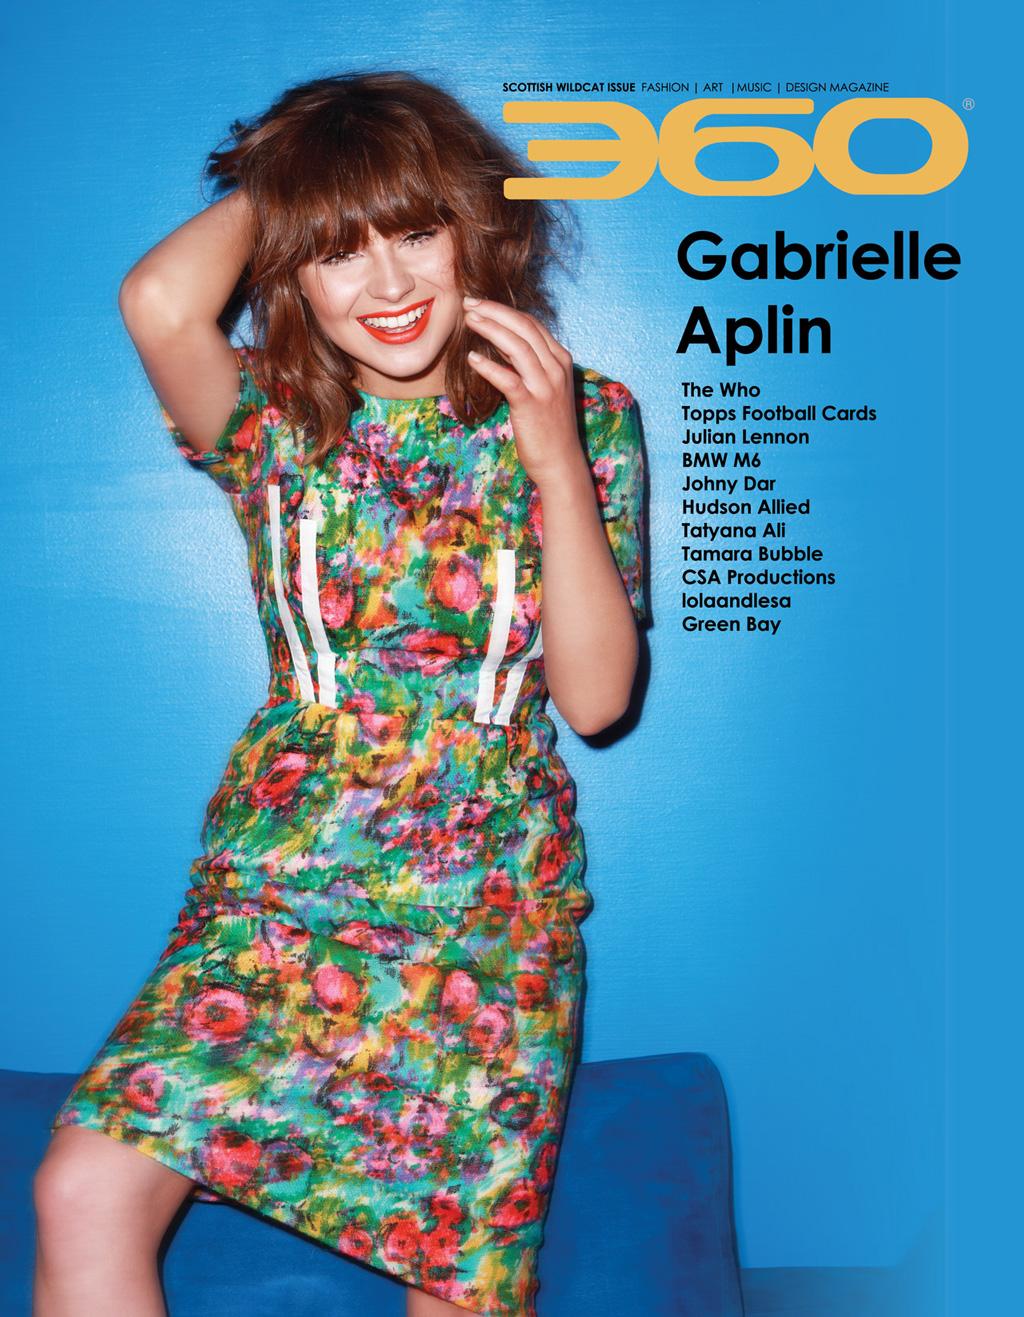 360 Issue 11 – Gabrielle Aplin